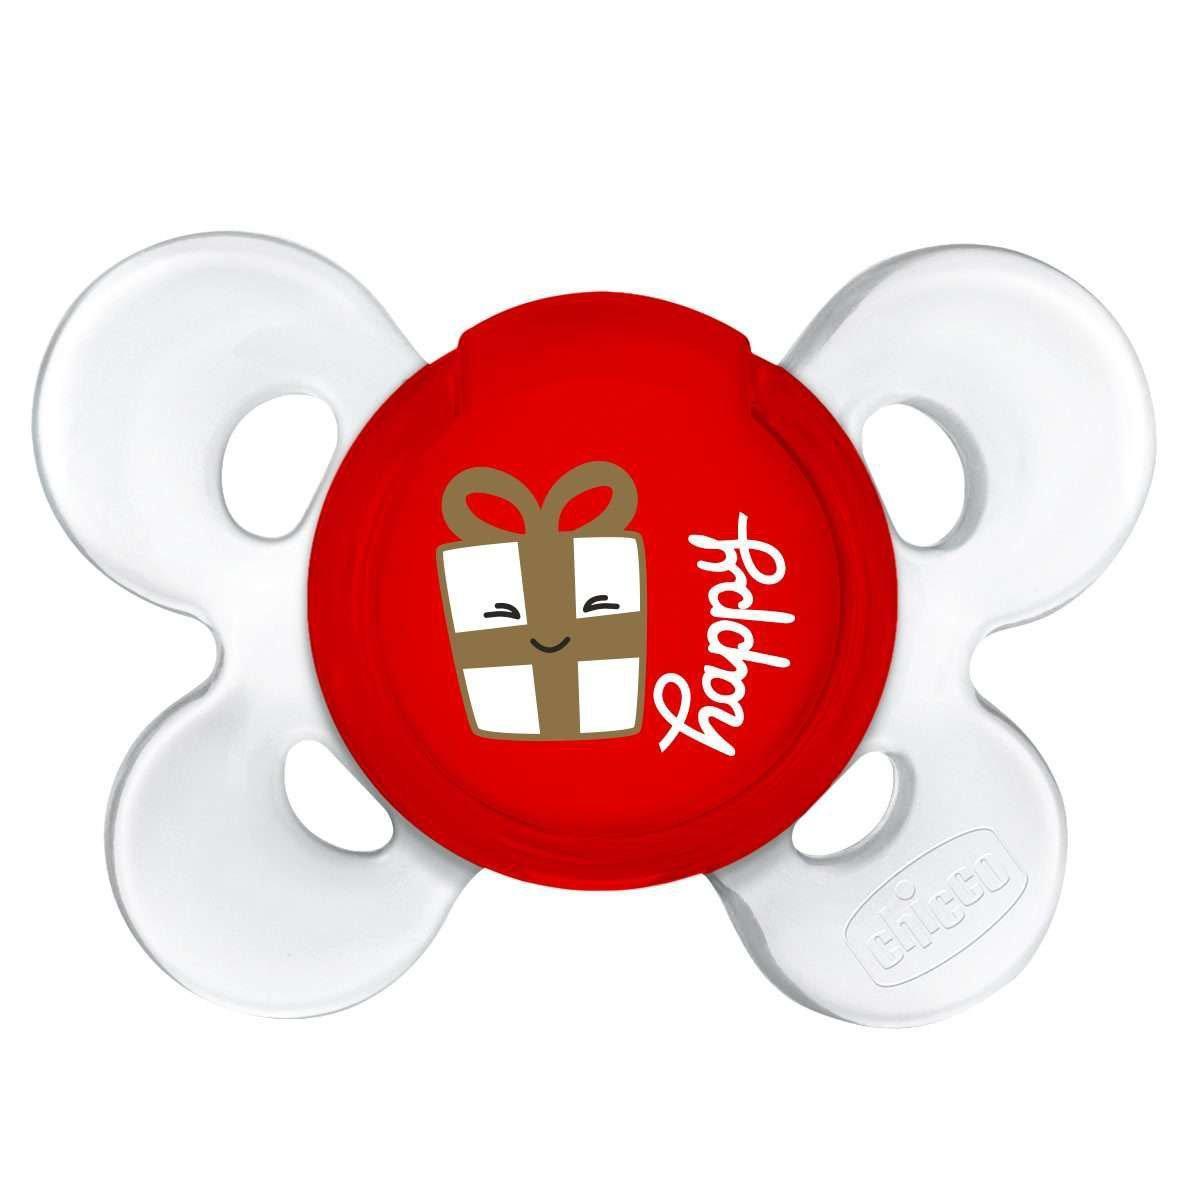 Пустушка Chicco Physio Сomfort Christmas, силікон, 12м+, 1 шт.